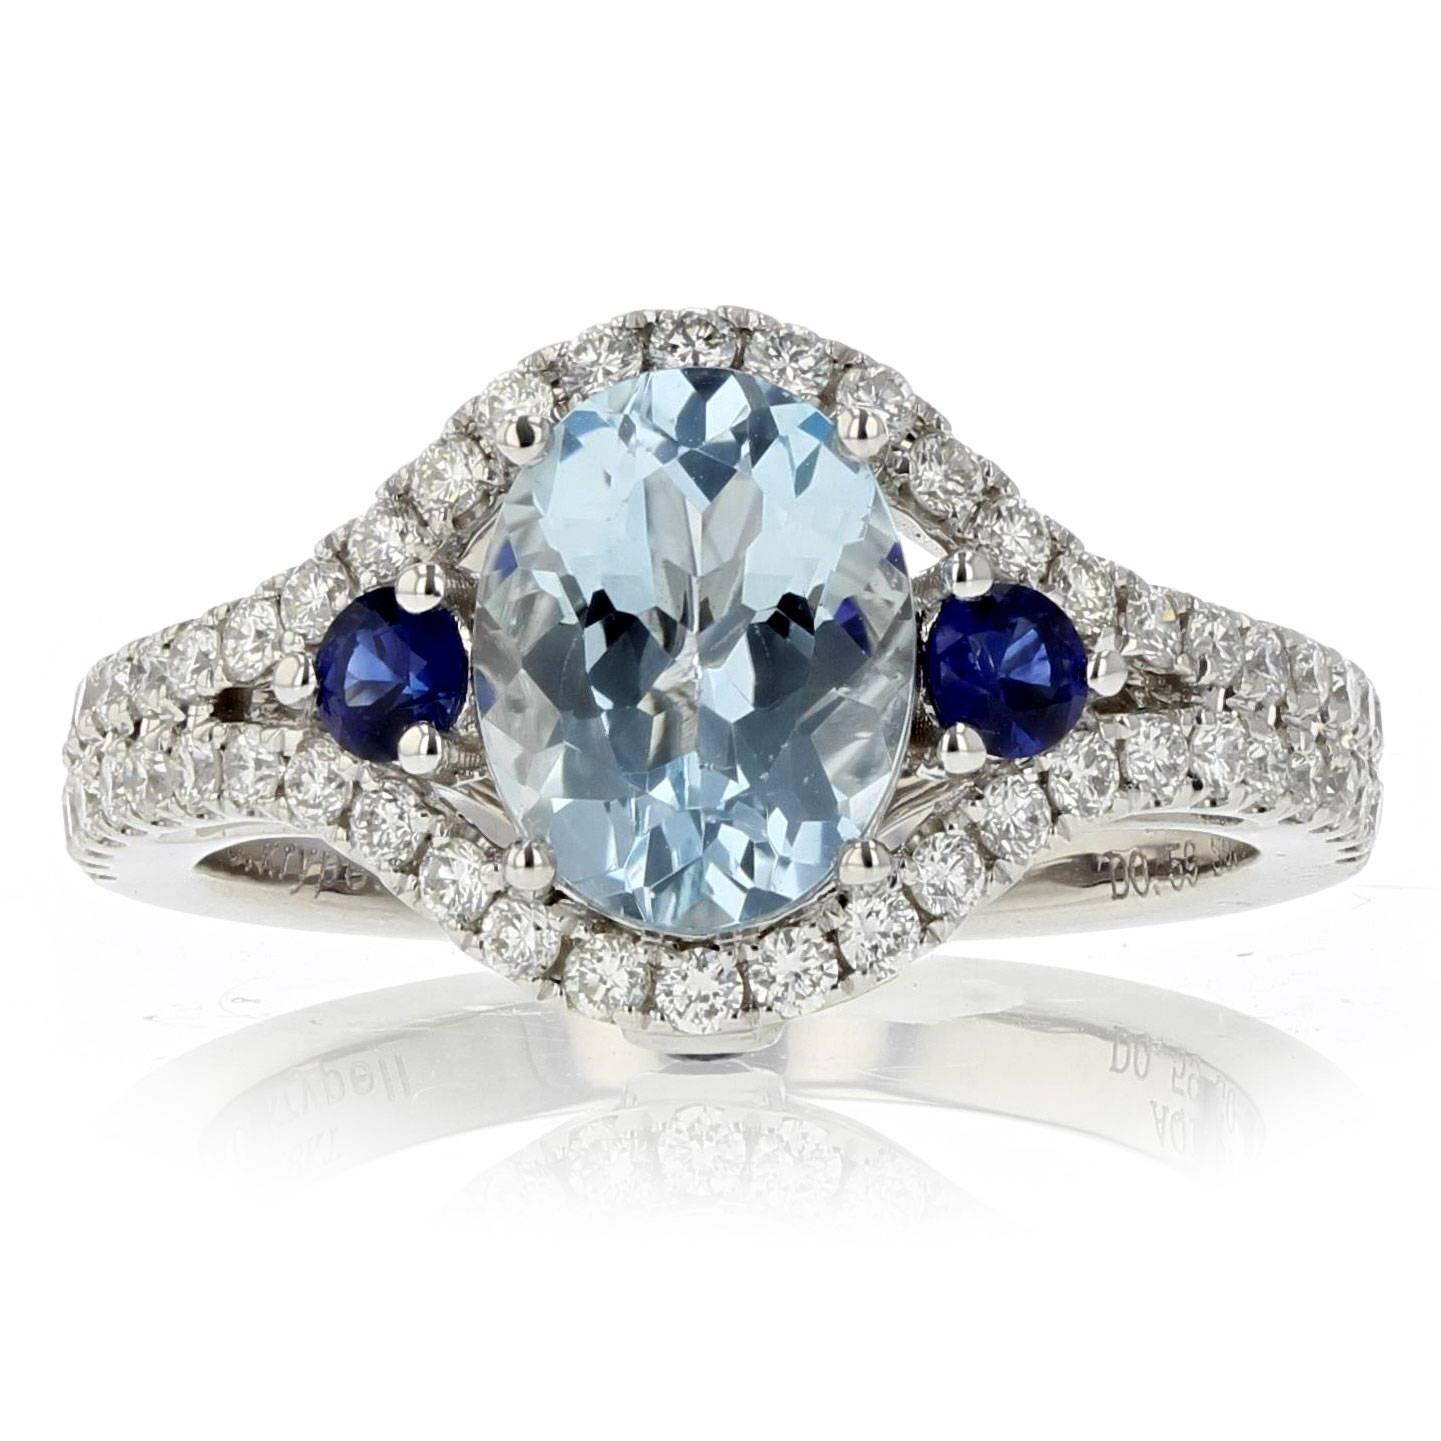 Aquamarine and Sapphire Diamond Ring